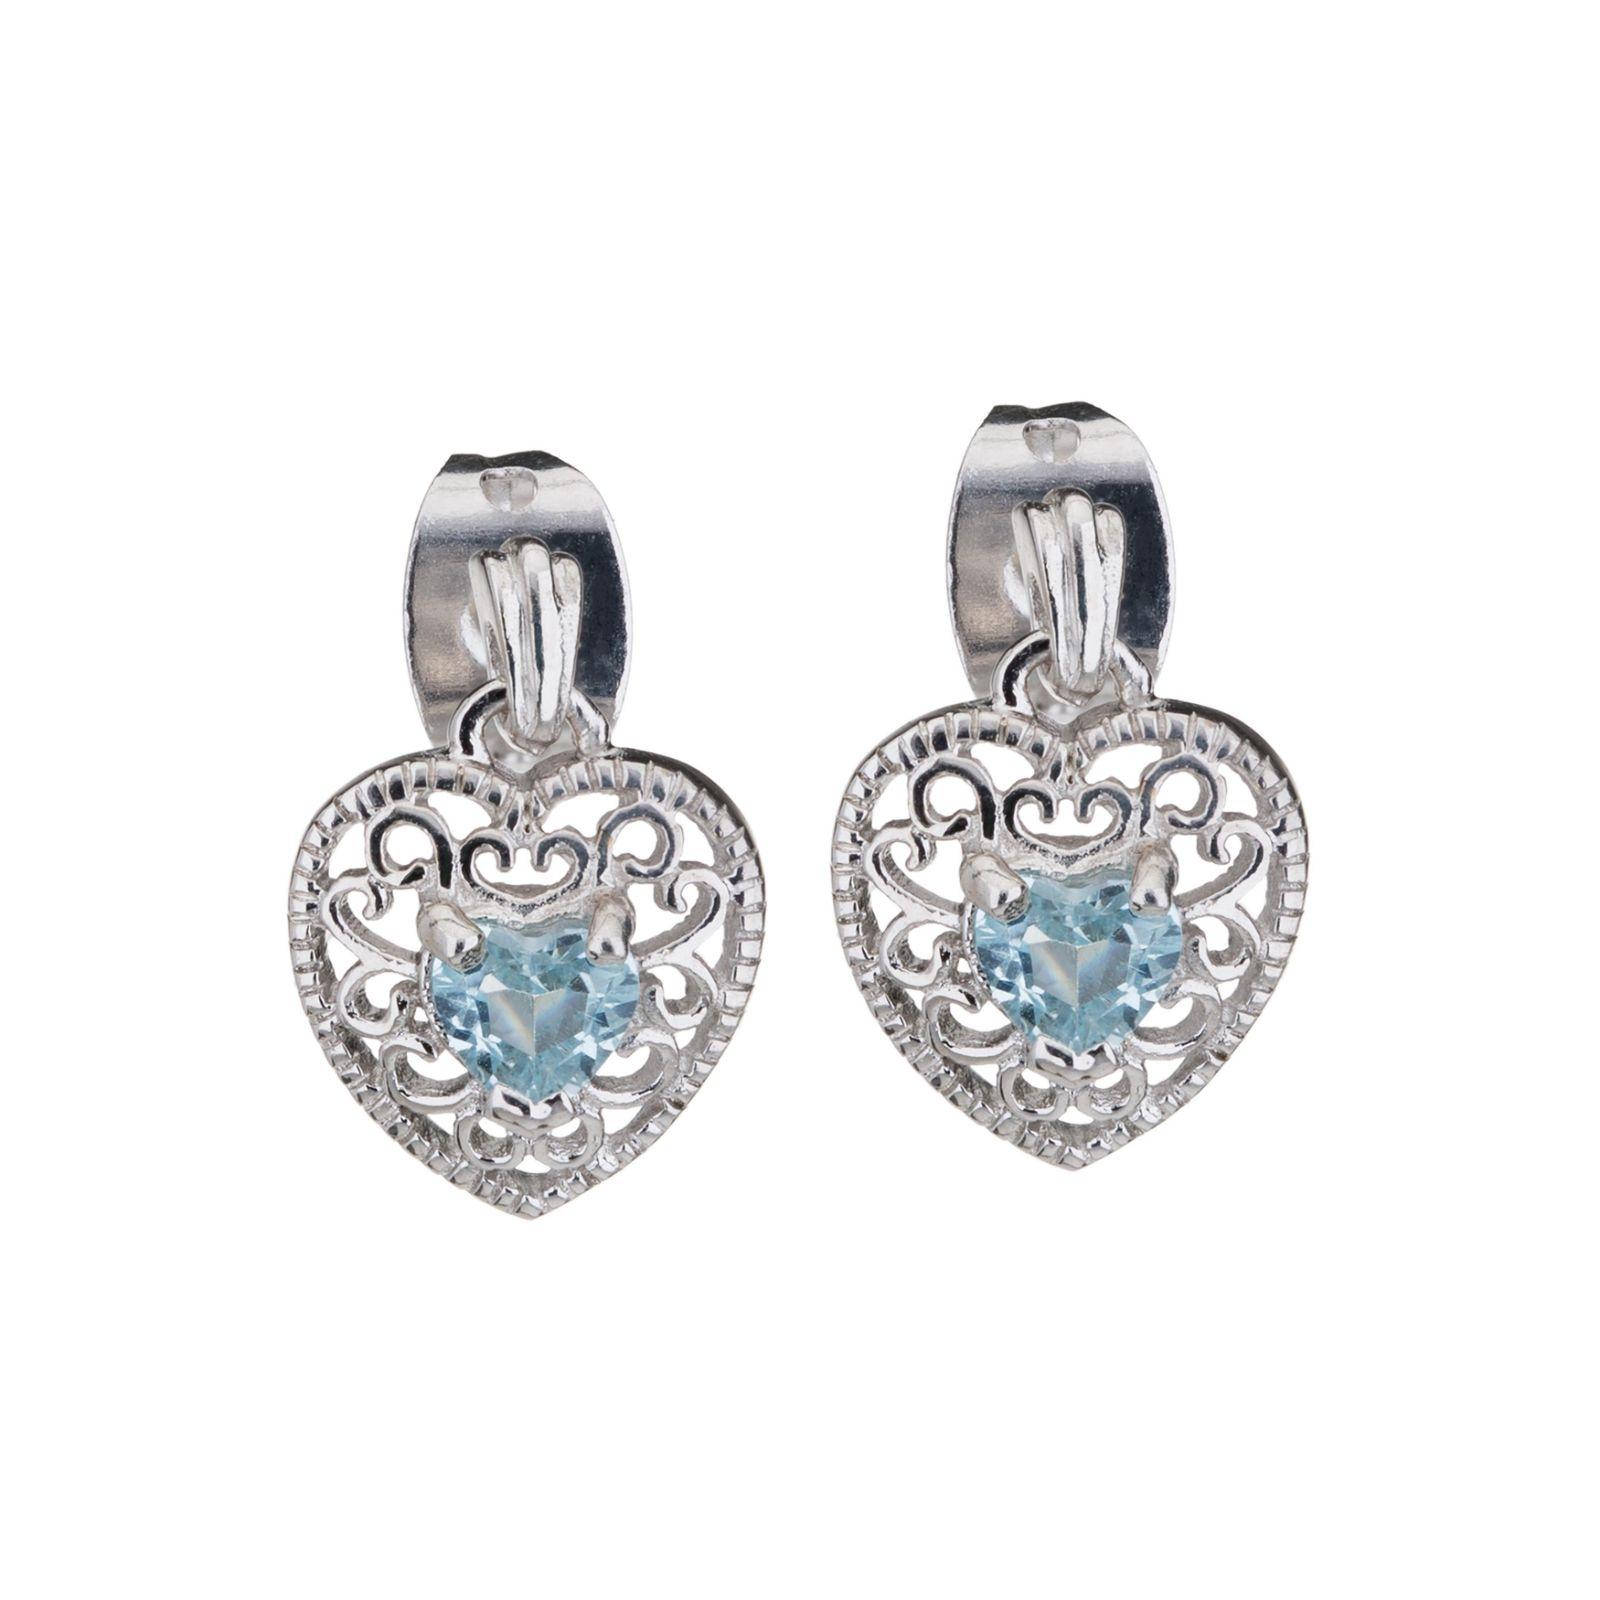 Genuine Blue Topaz Heart Stud Earrings